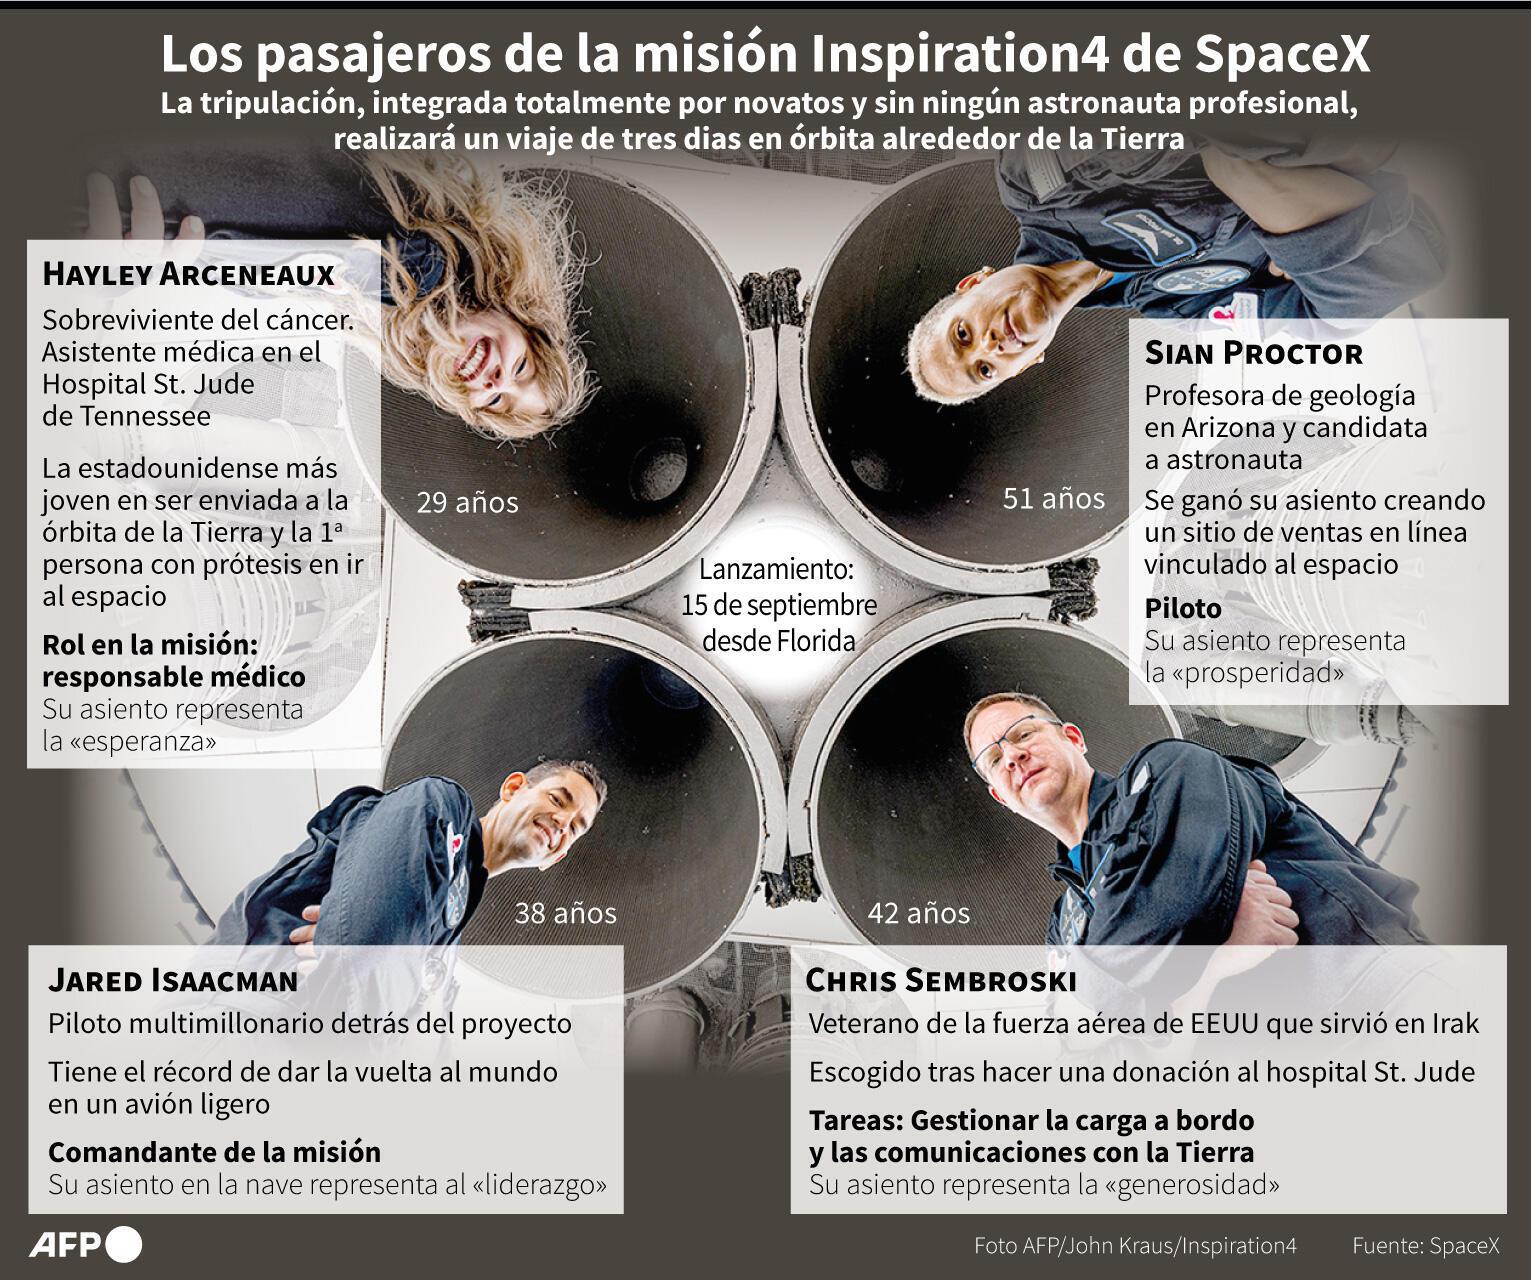 Penumpang dalam misi Inspiration4 SpaceX